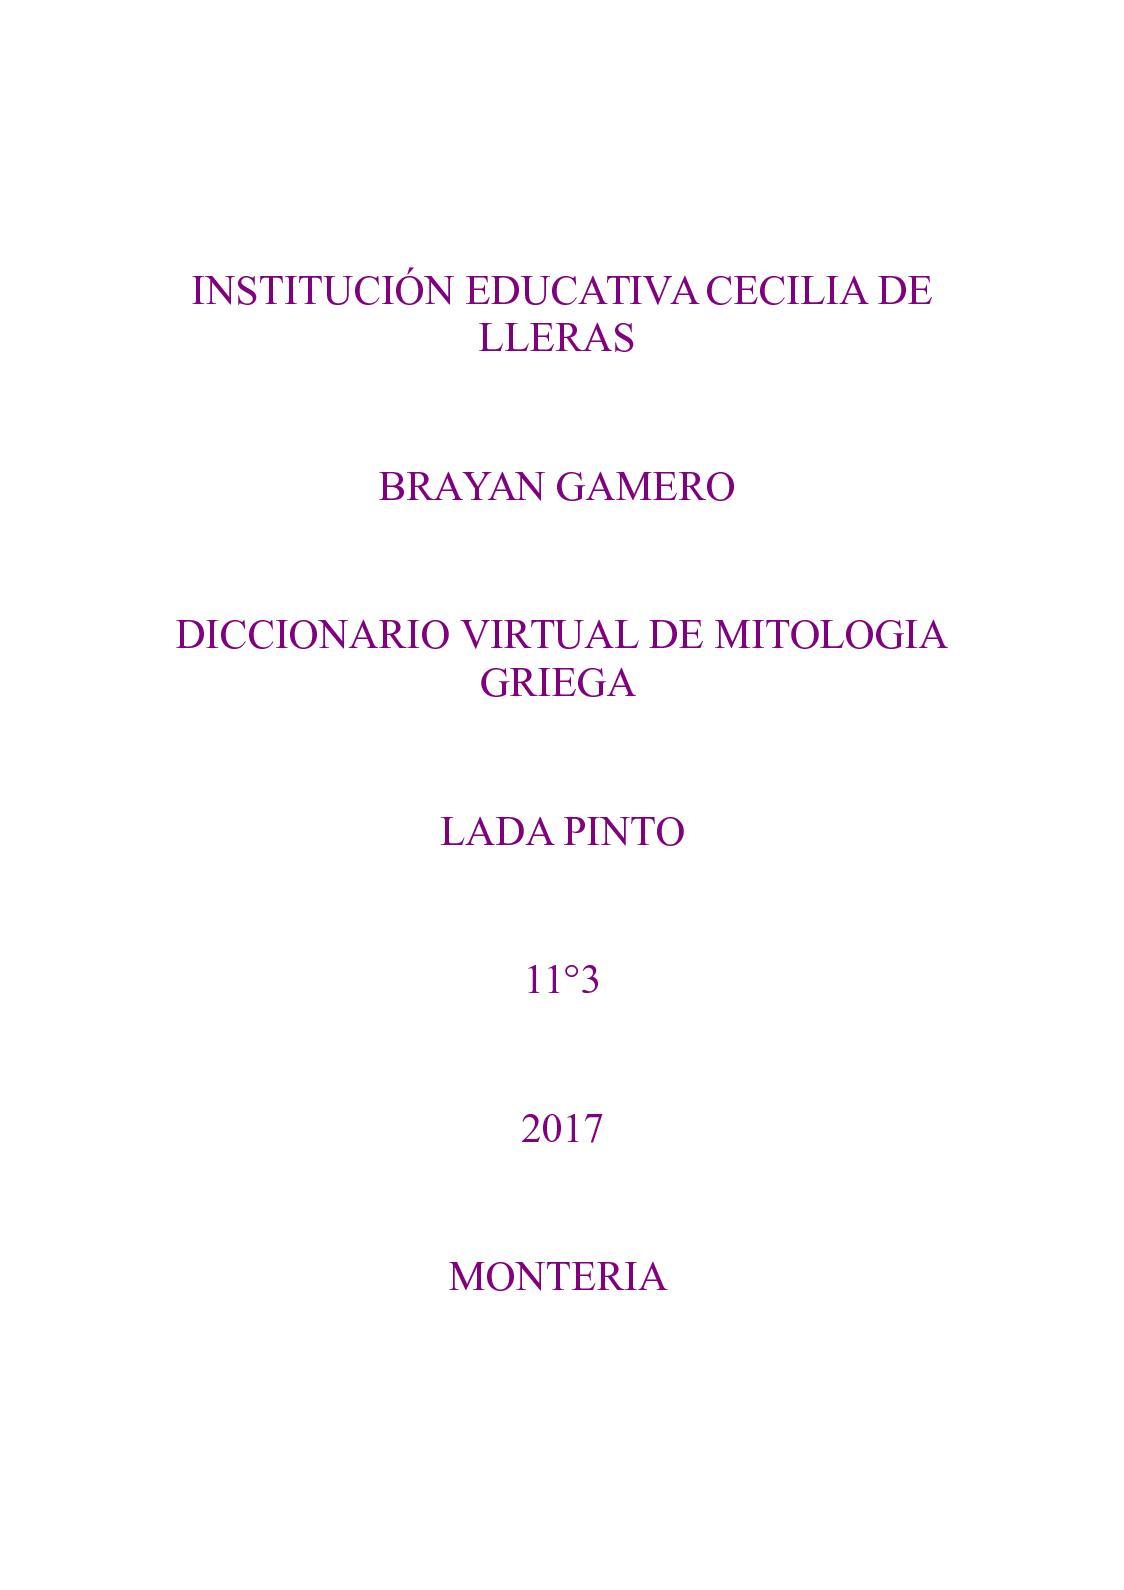 De Gamero Griega La Calaméo Brayan Virtual Diccionario Mitología 08nwPOk